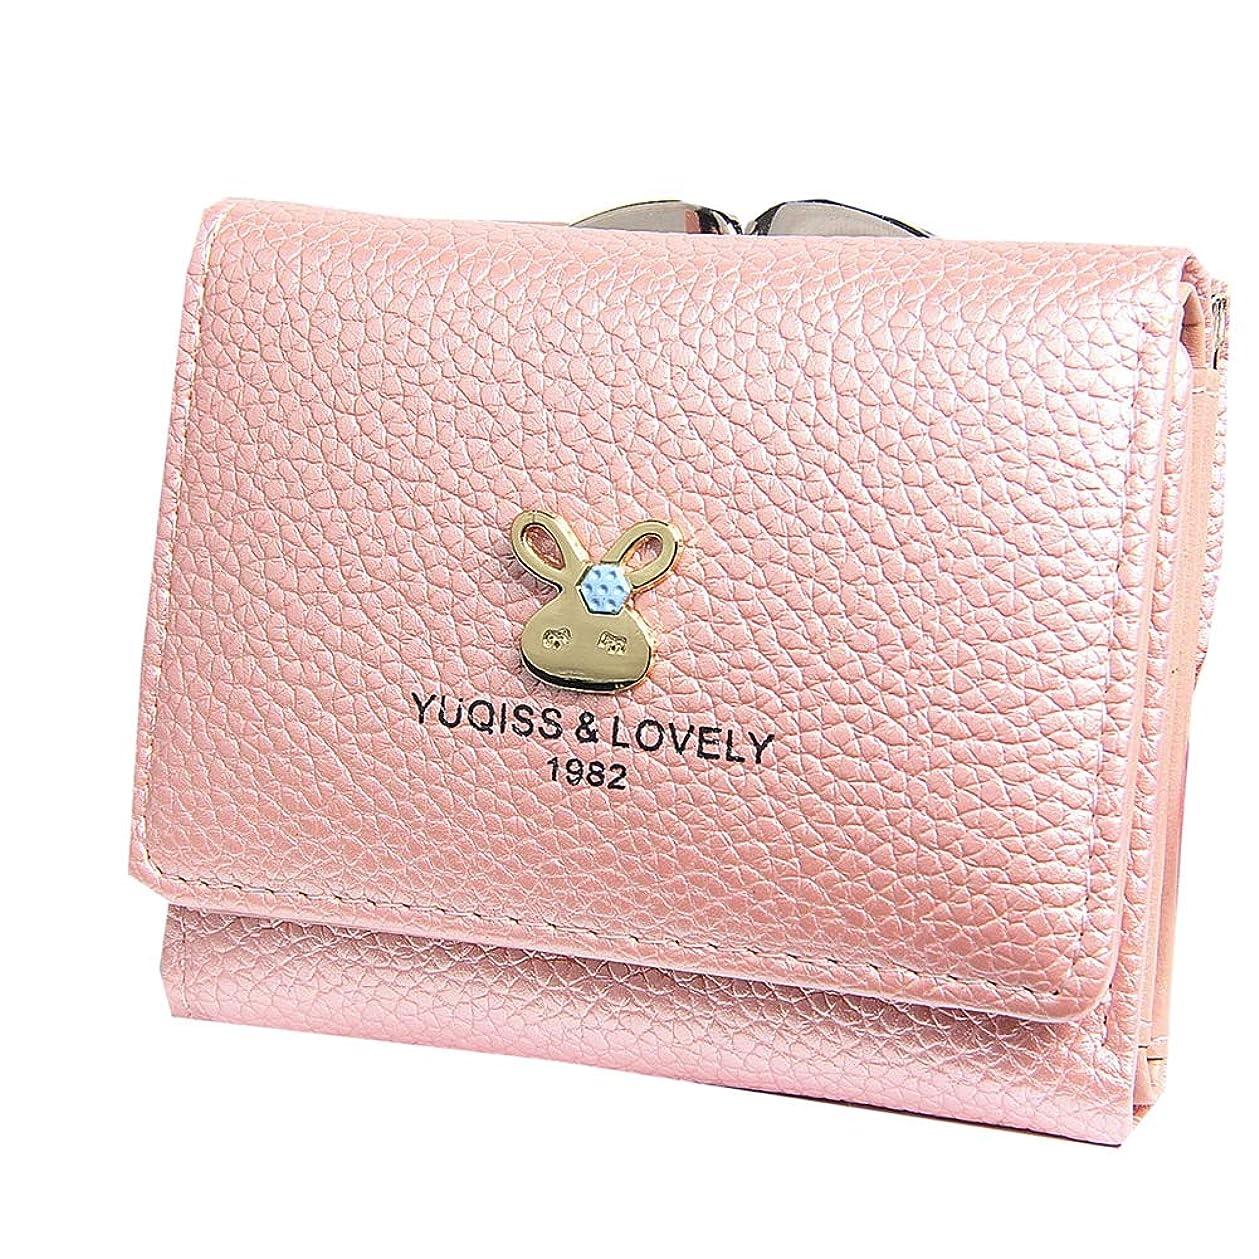 ミュウミュウ提供された過敏な[QIFENGDIANZI]二つ折り財布 レディース うさぎ柄 かわいい ミニ財布 がま口 大容量 小銭入れ カードケース 携帯便利 女性用 プレゼント おしゃれ 小型 軽量 仕切り 11 * 9 * 3CM